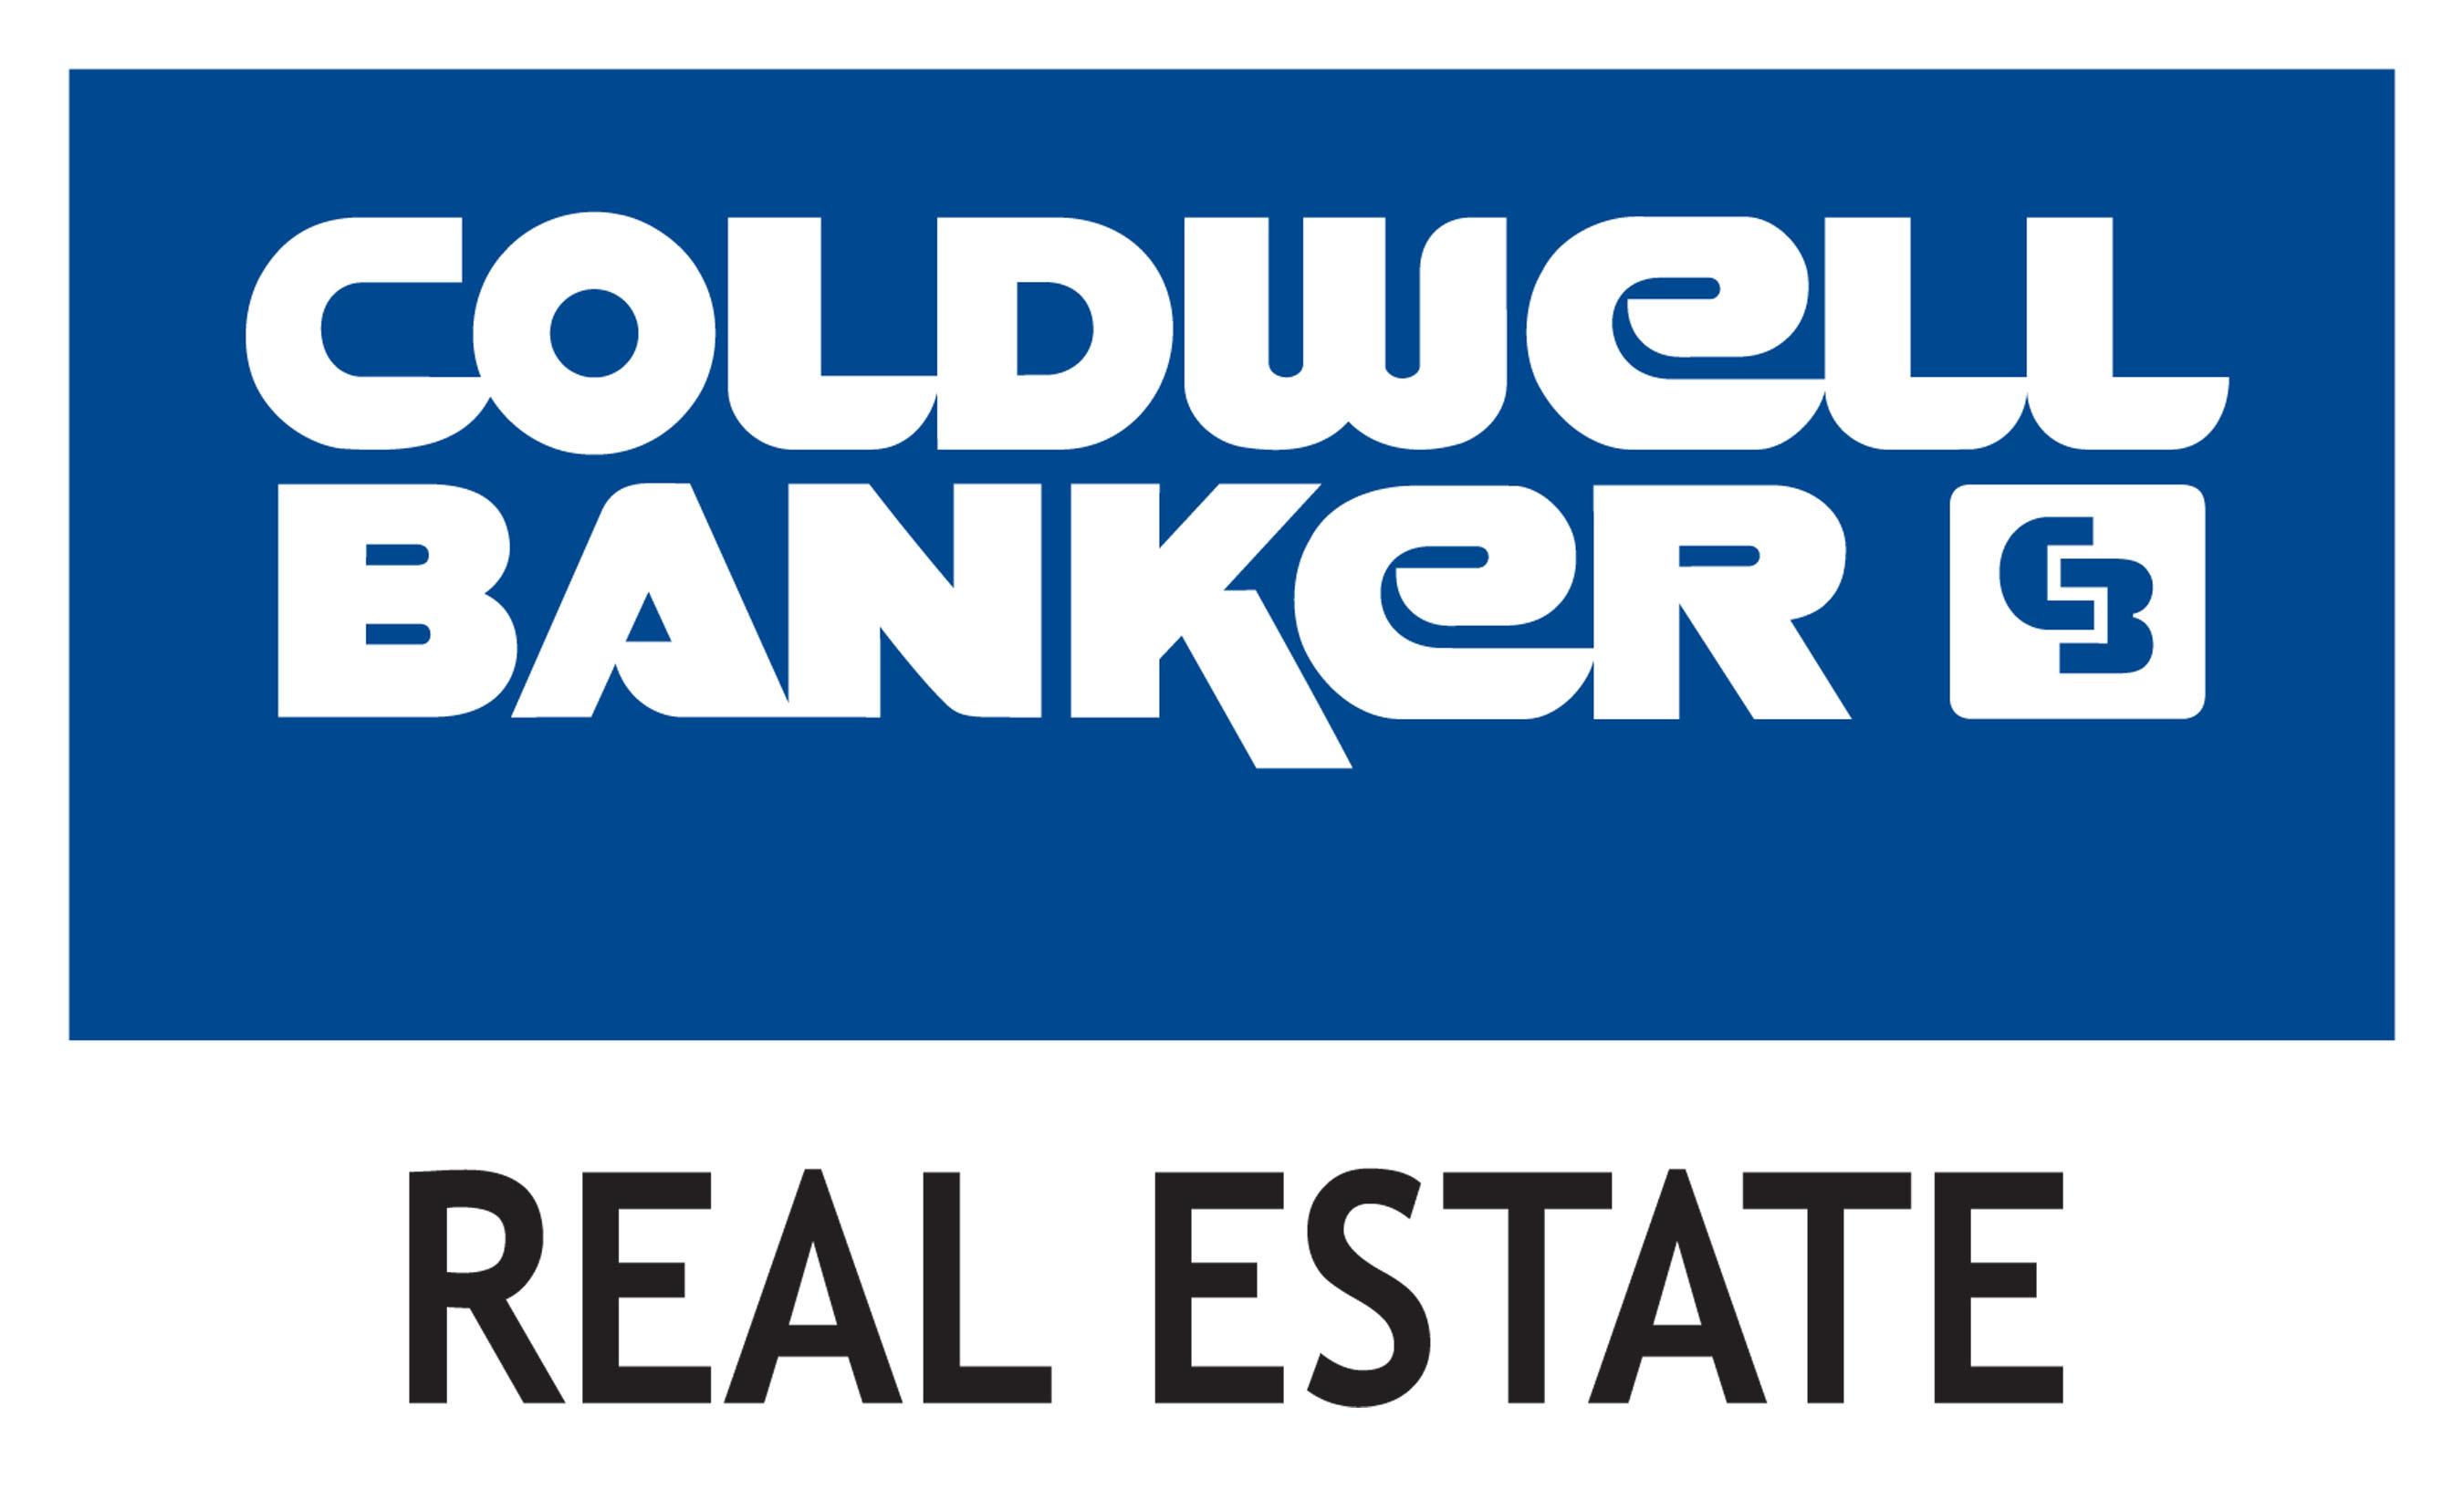 Coldwell Banker Real Estate LLC logo